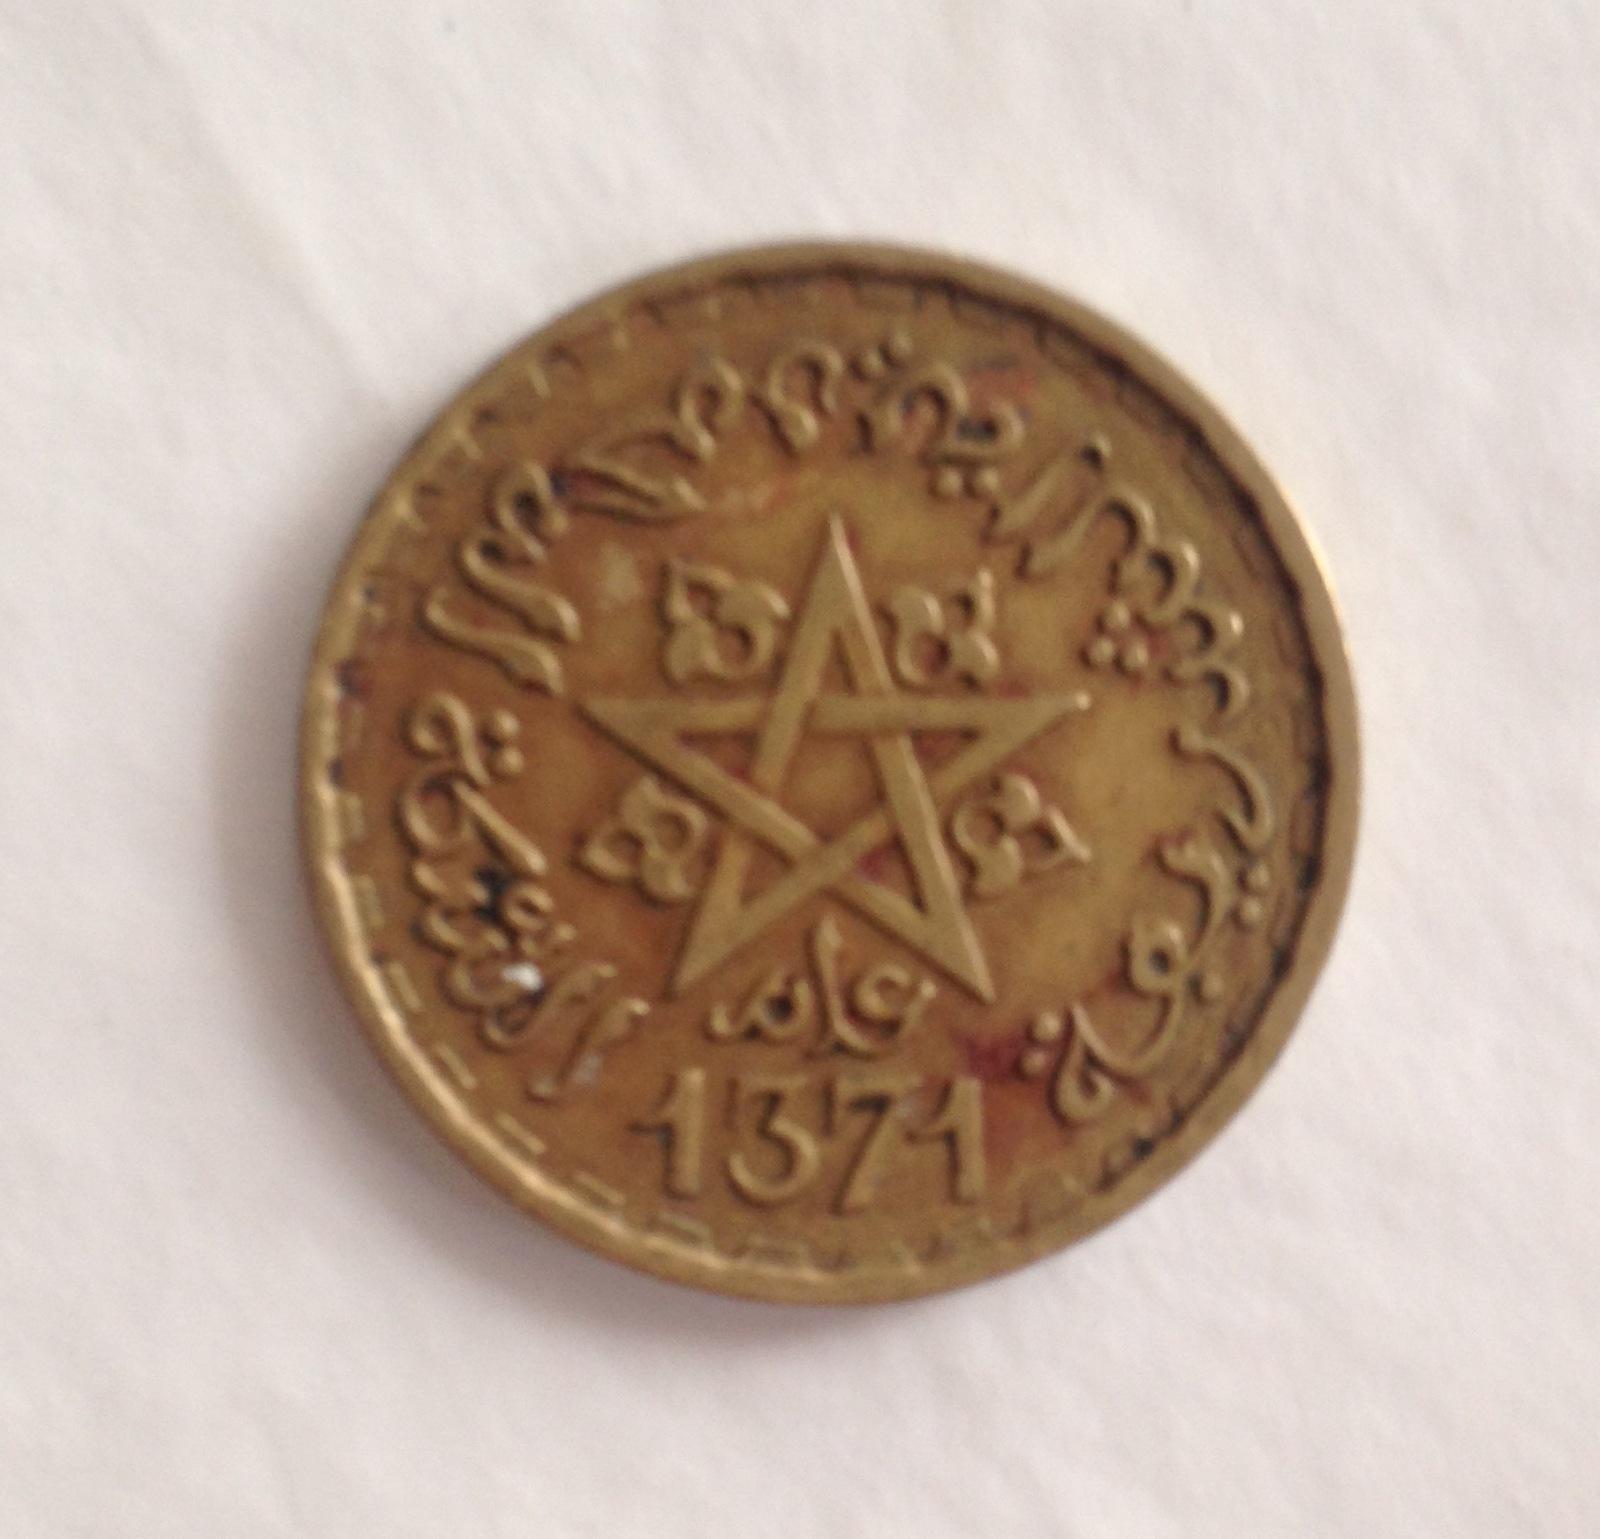 20 francs Maroc (1371) Fmkjnt